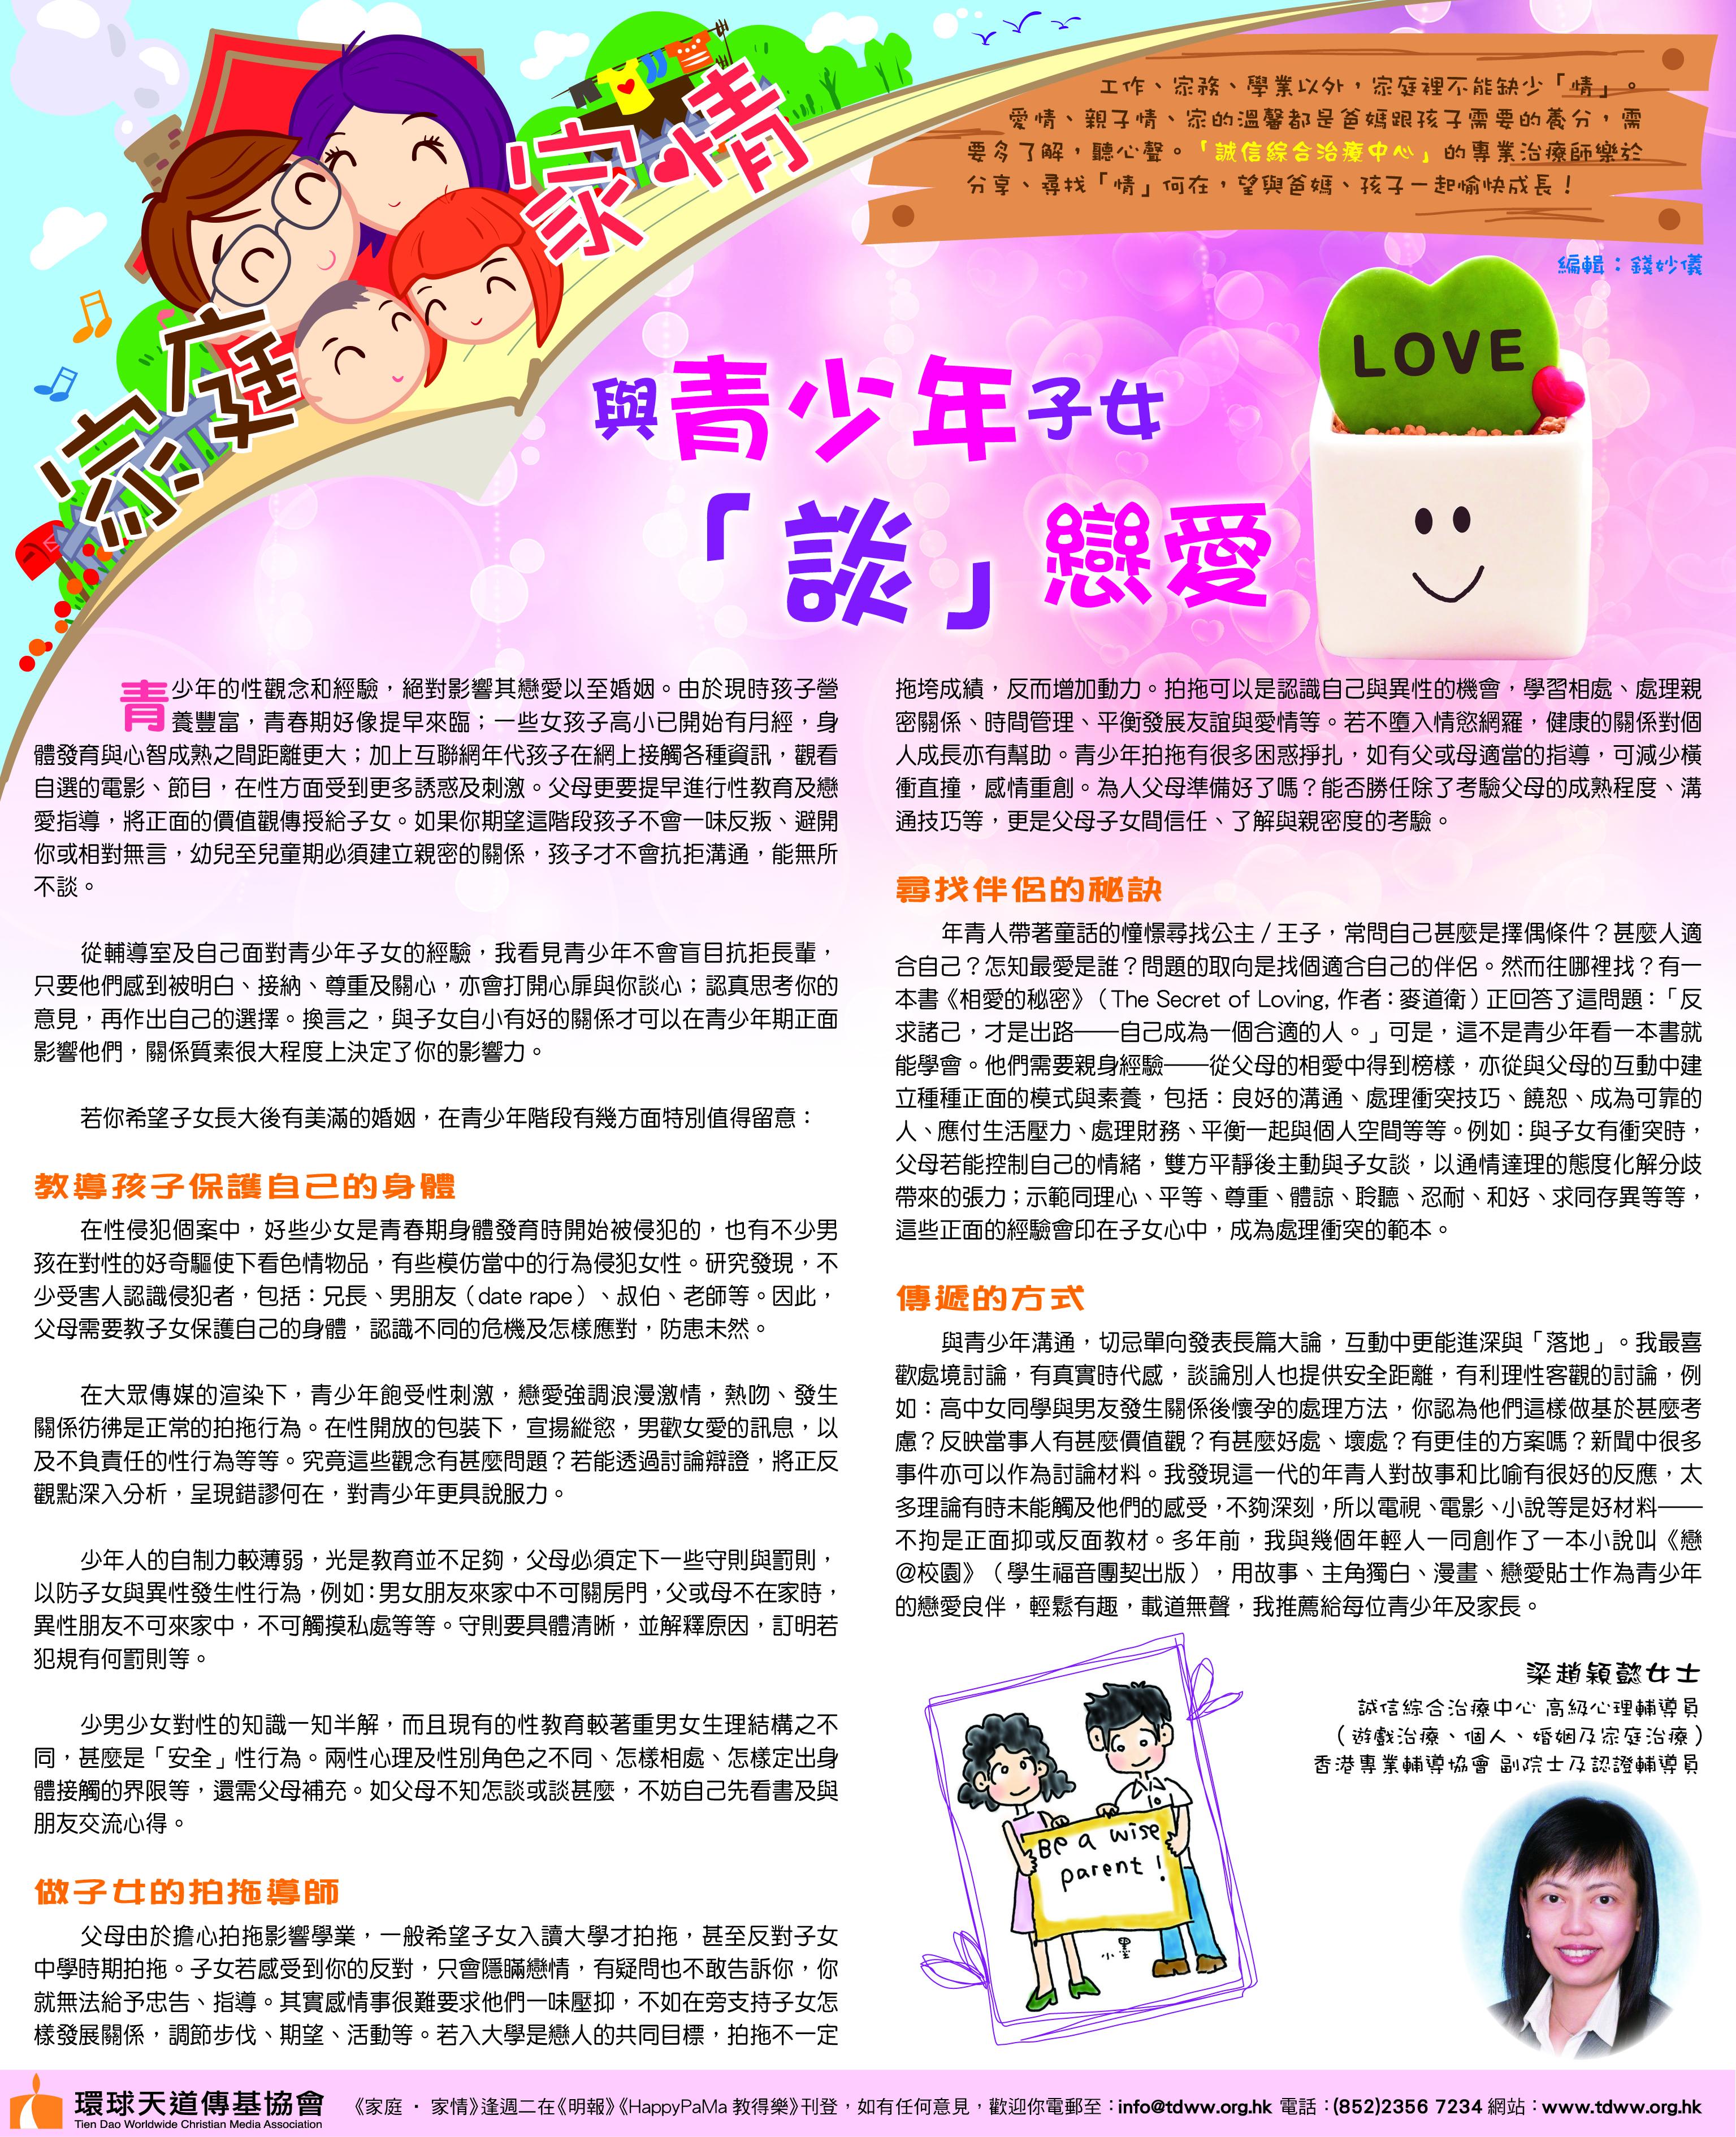 MingPao-01Dec-output.jpg